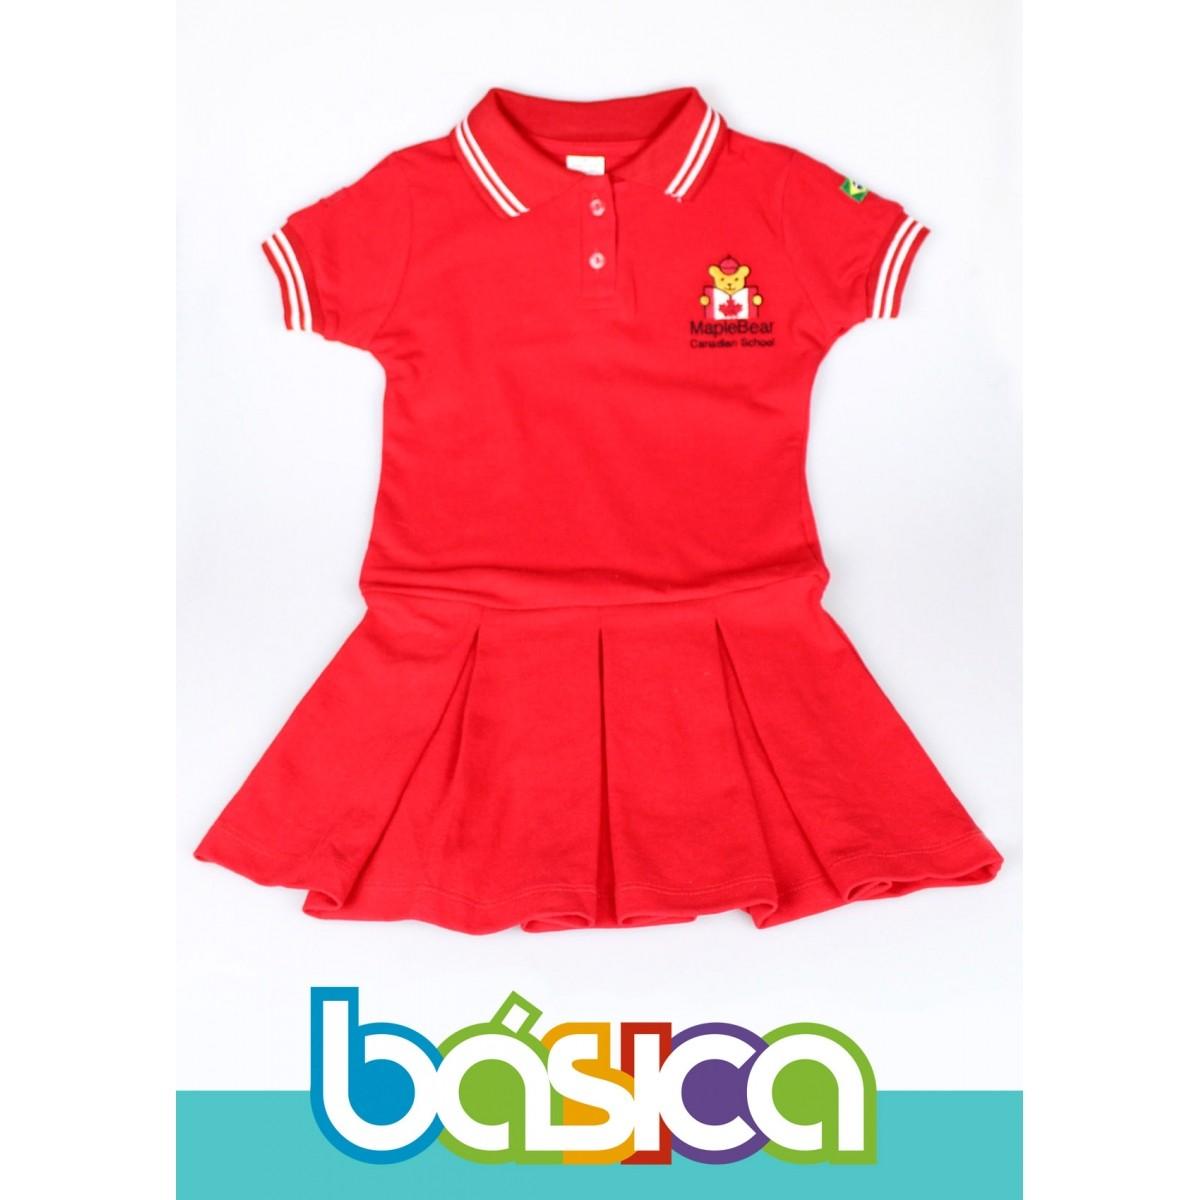 c85d9c83fa Vestido Maple Bear Infantil - BÁSICA UNIFORMES. Image description